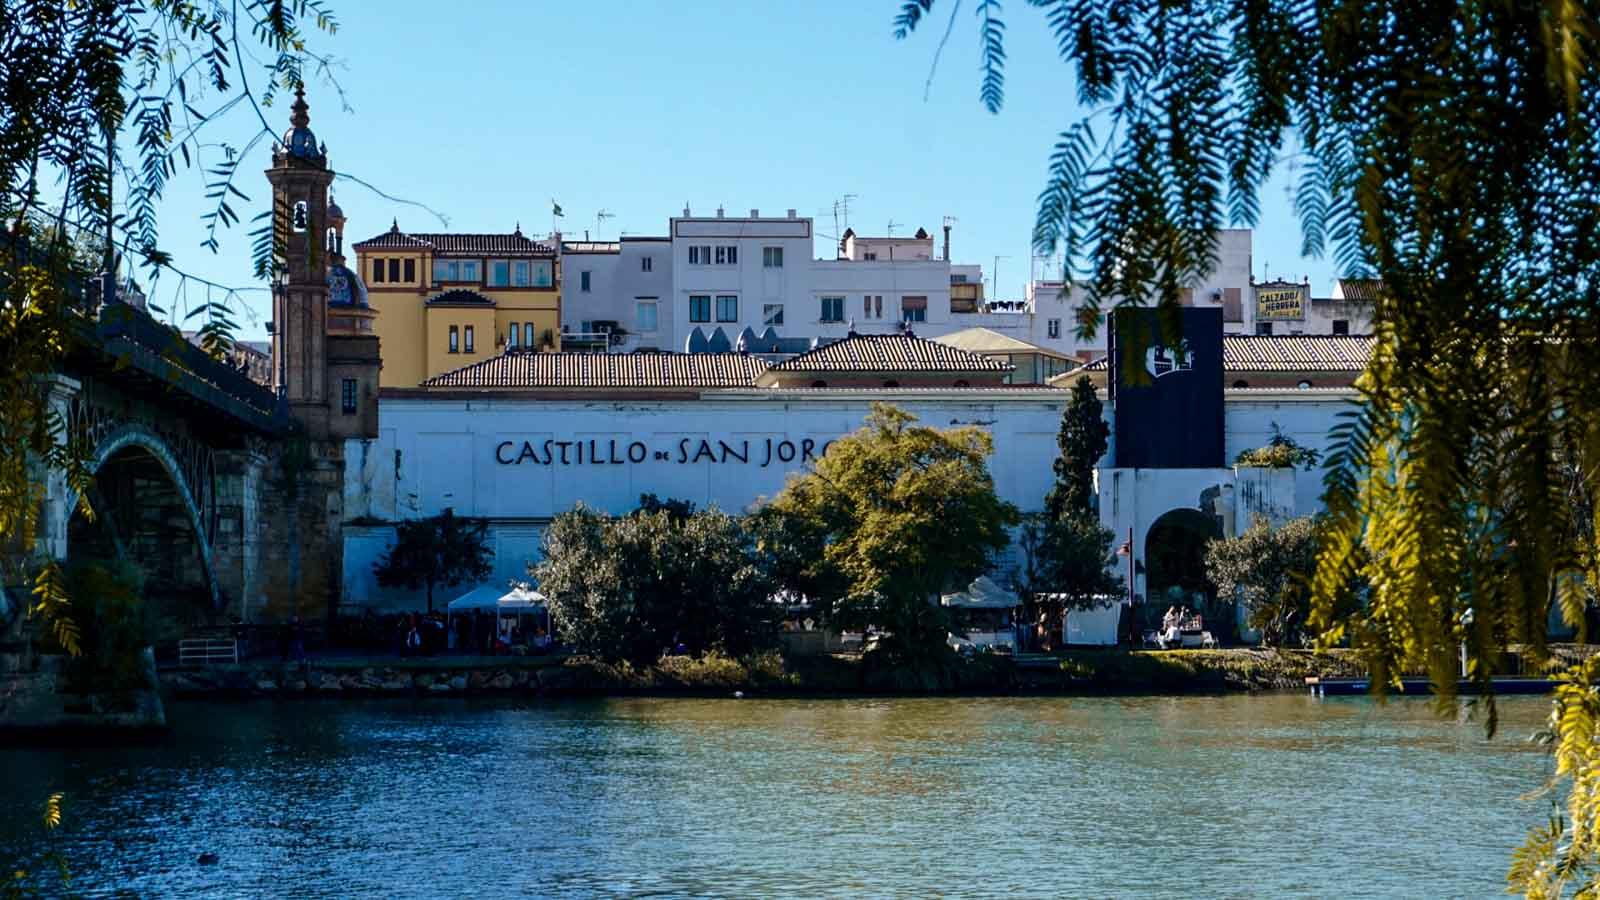 seville san jorge castle